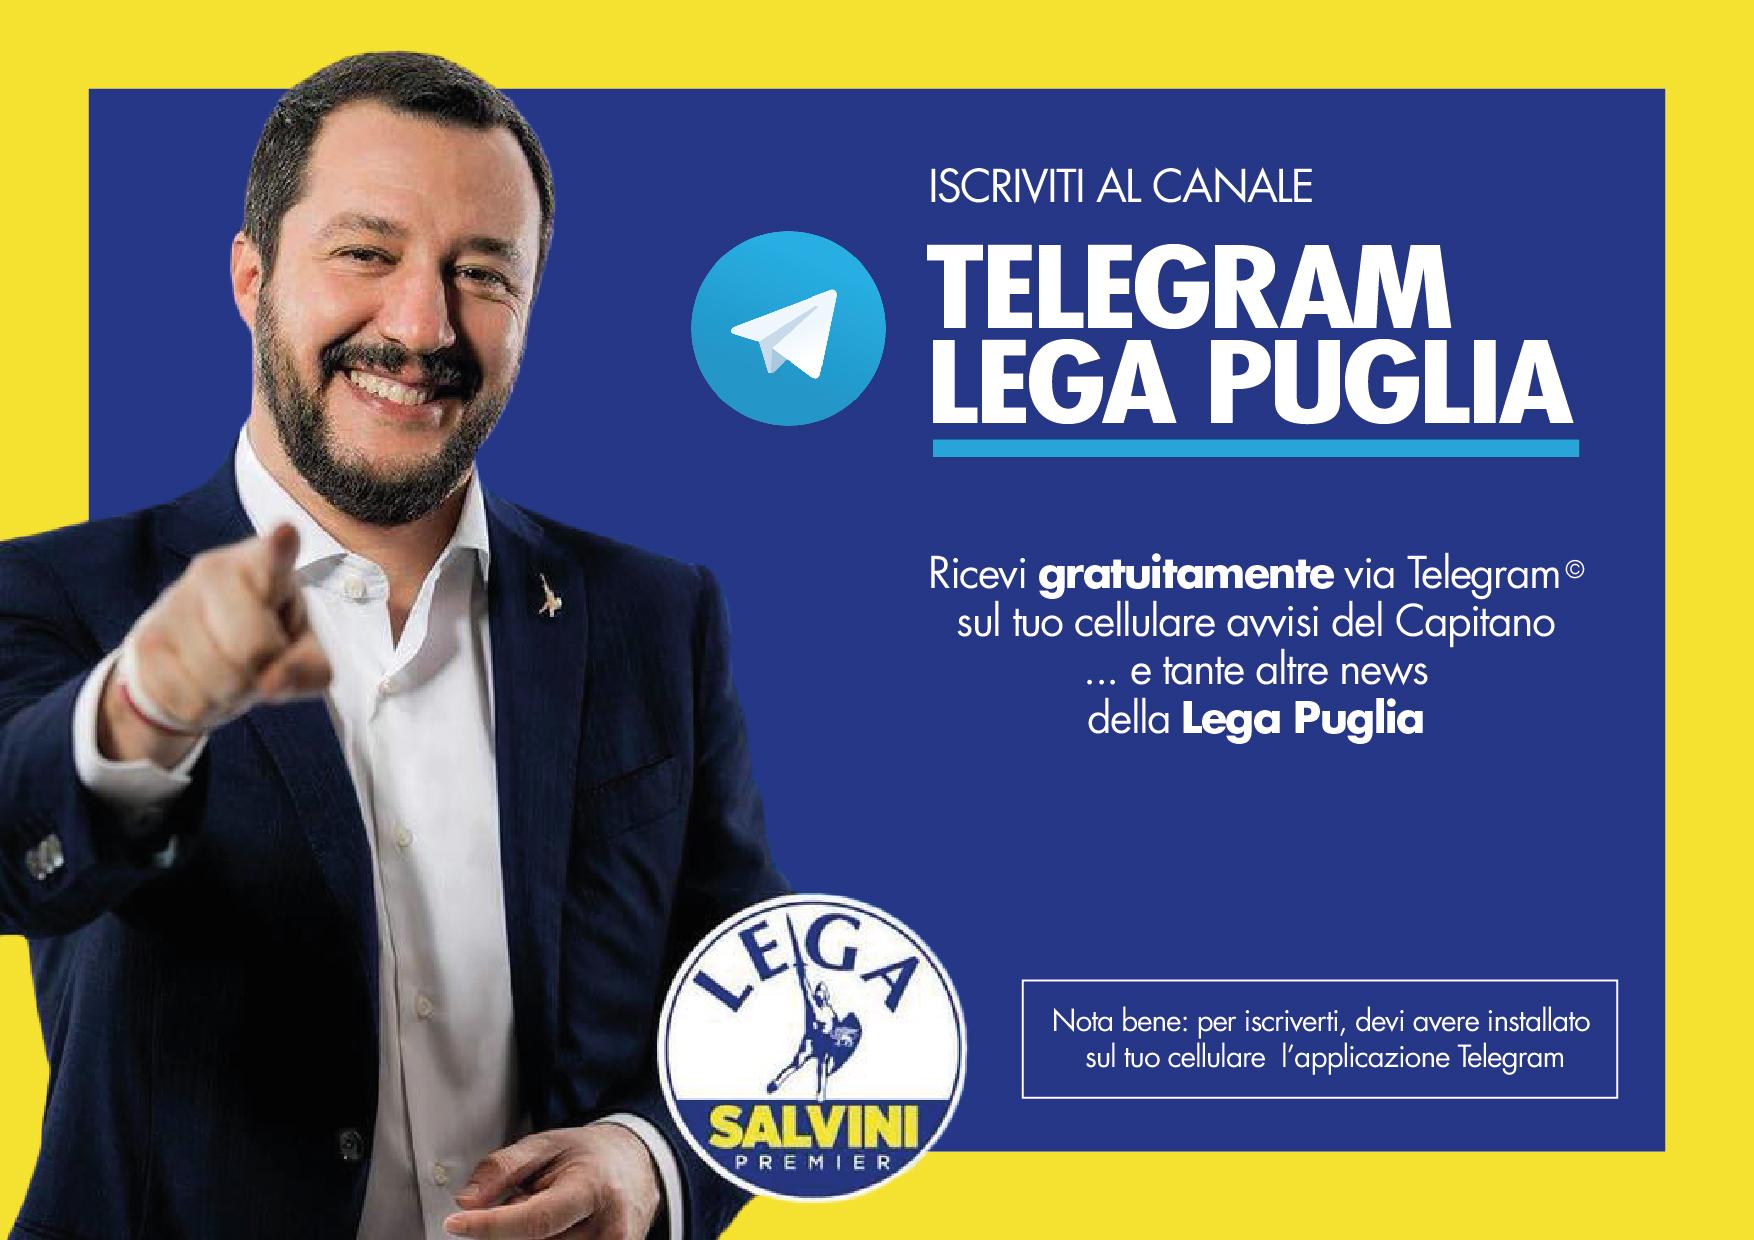 Canale @LegaPuglia